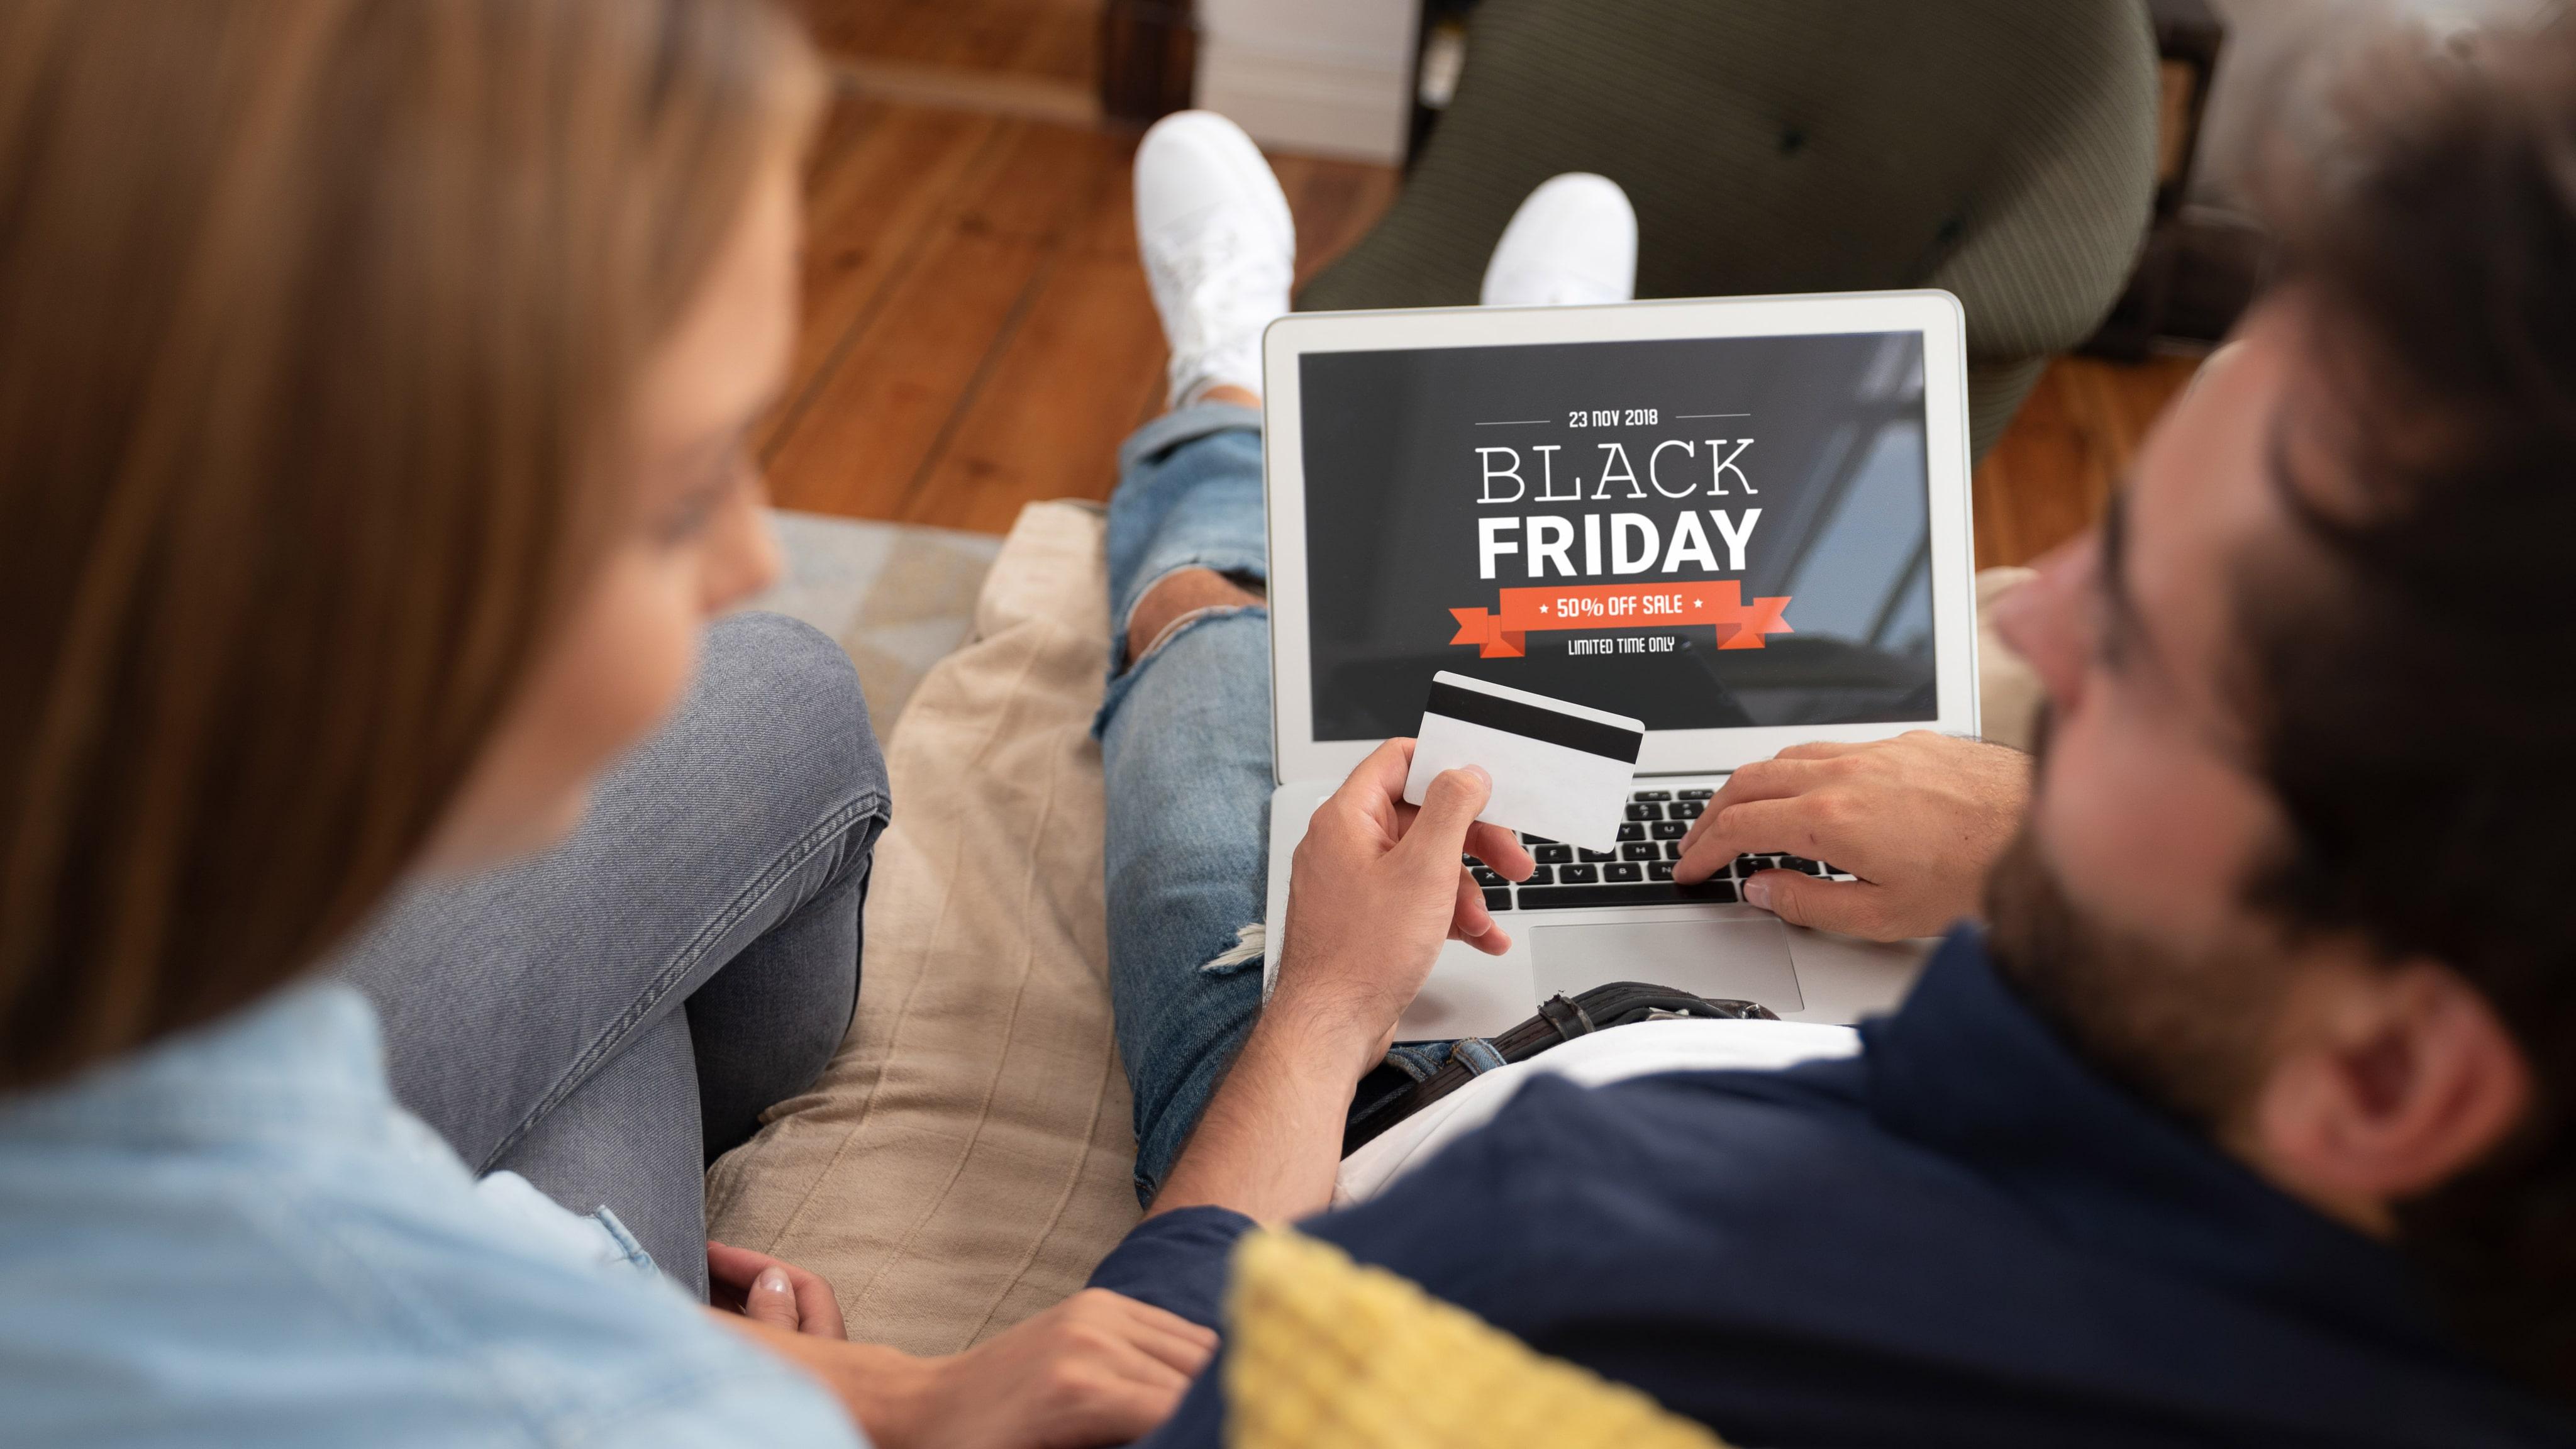 Granskning av åtta e-handlare: så mycket har de höjt priserna under Black Friday